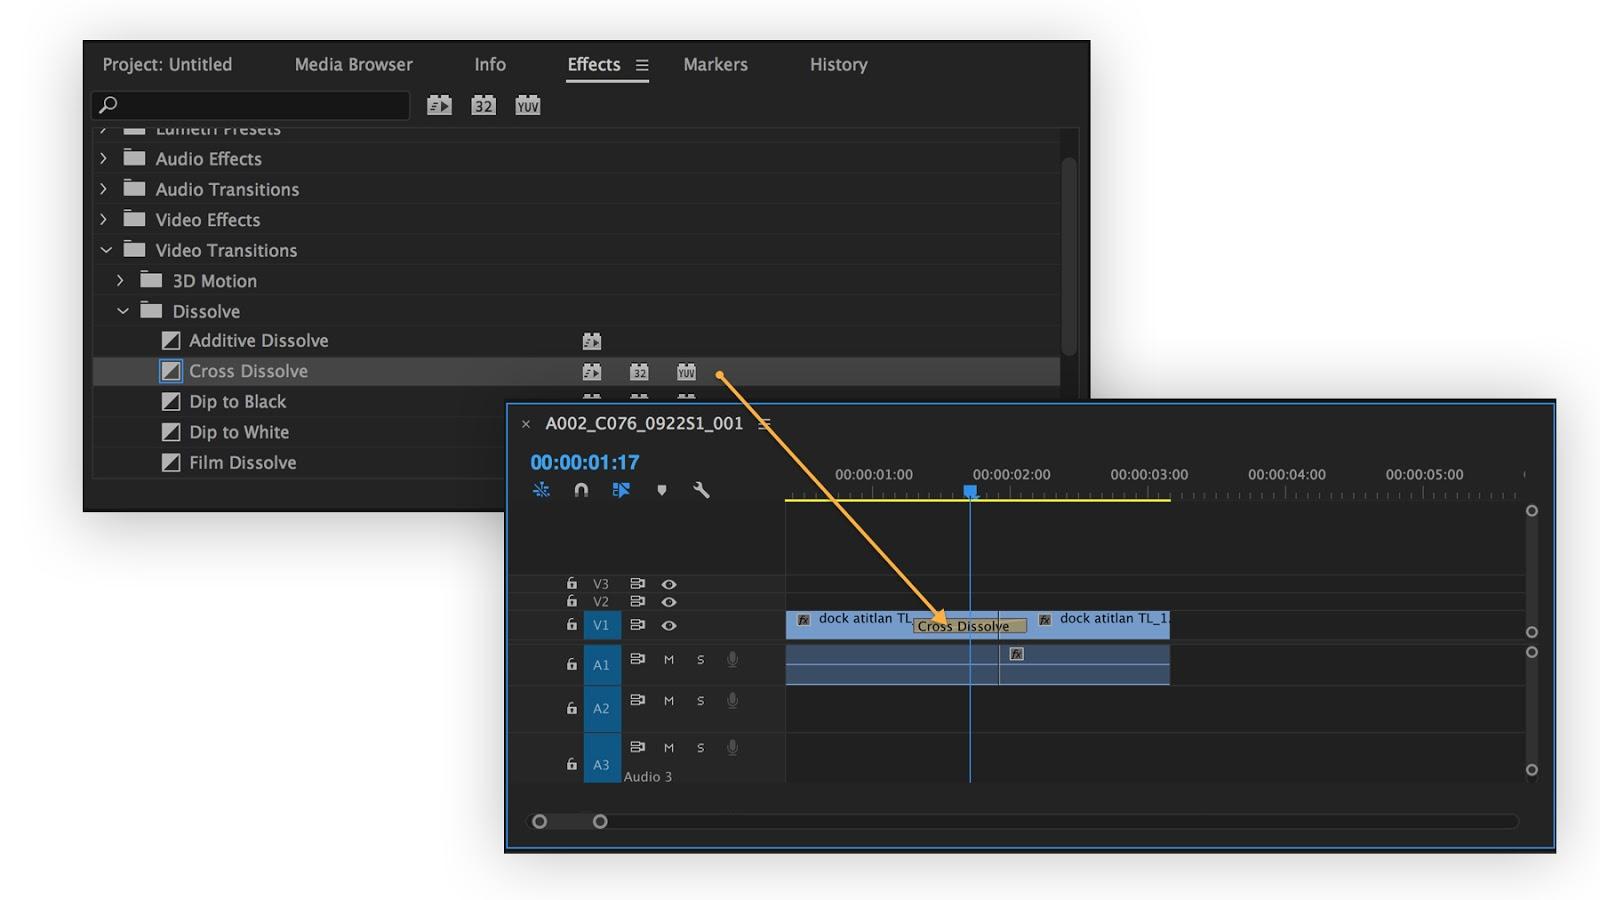 Thêm hiệu ứng chuyển giữa hai clip trong dự án